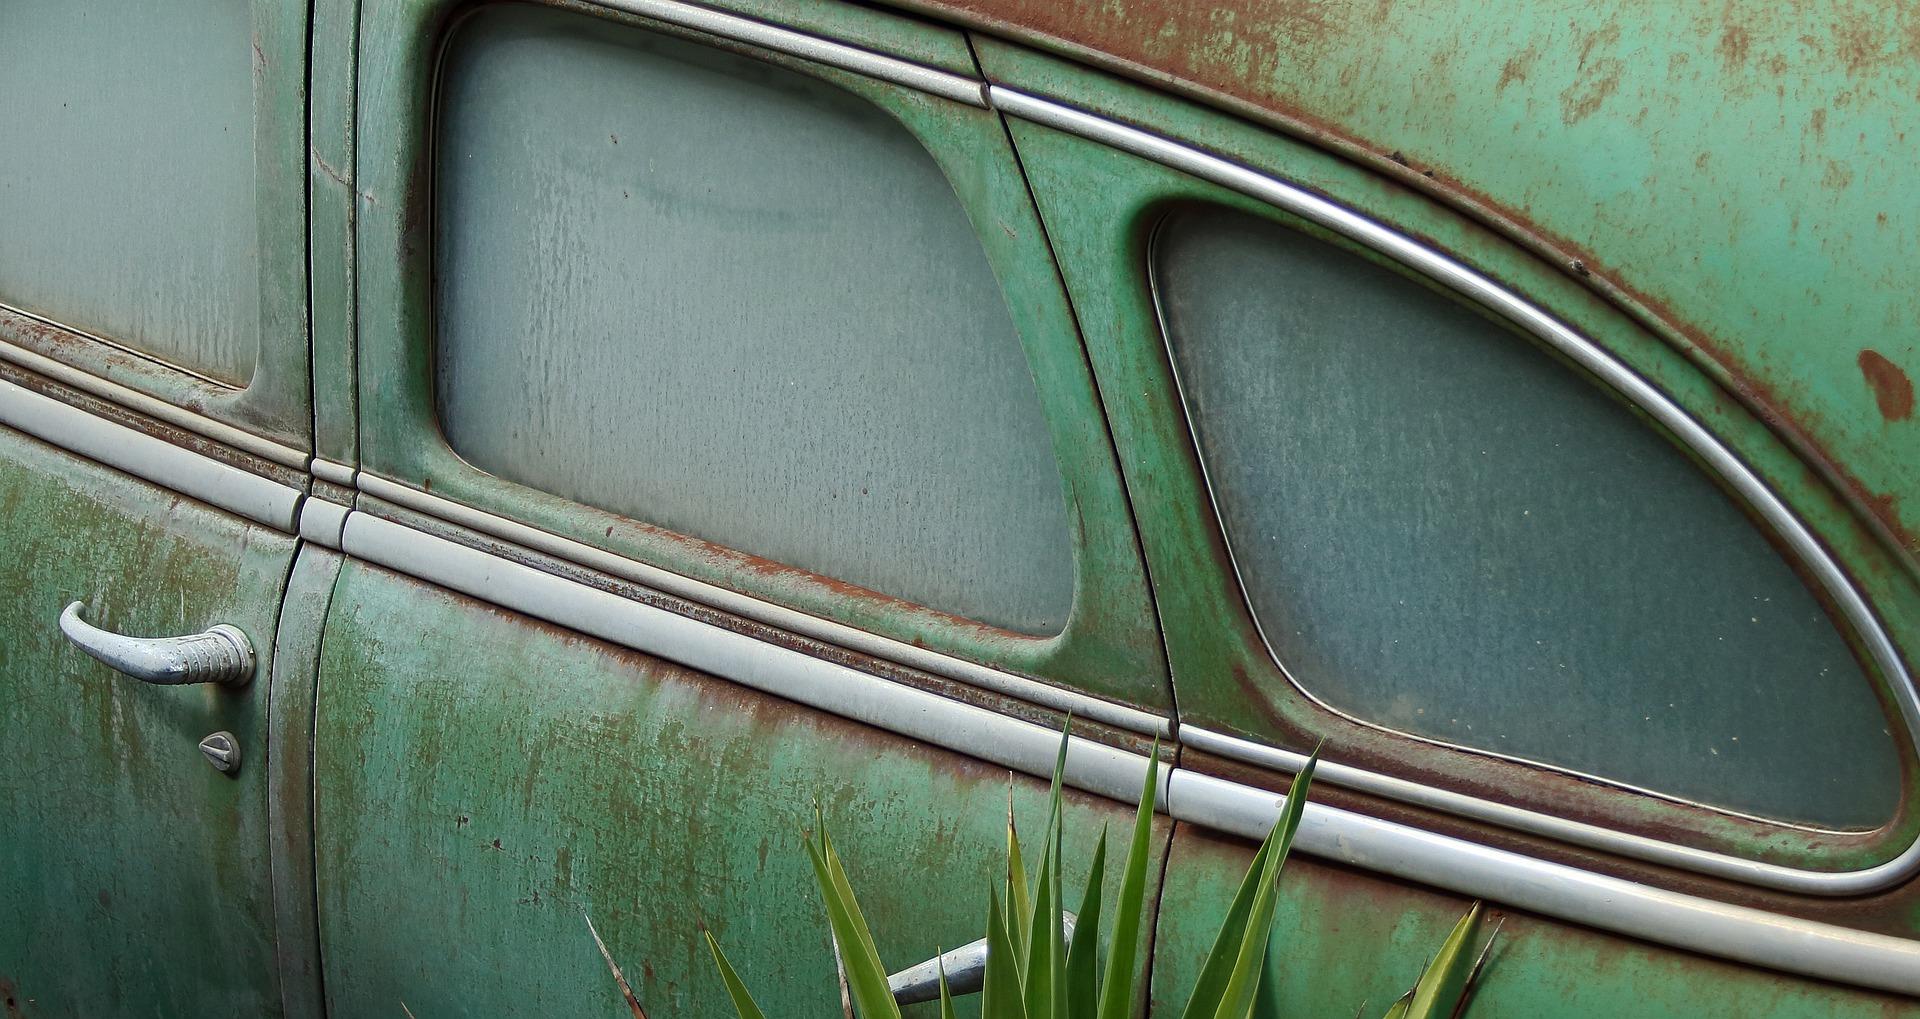 Carrosserie de voiture ancienne